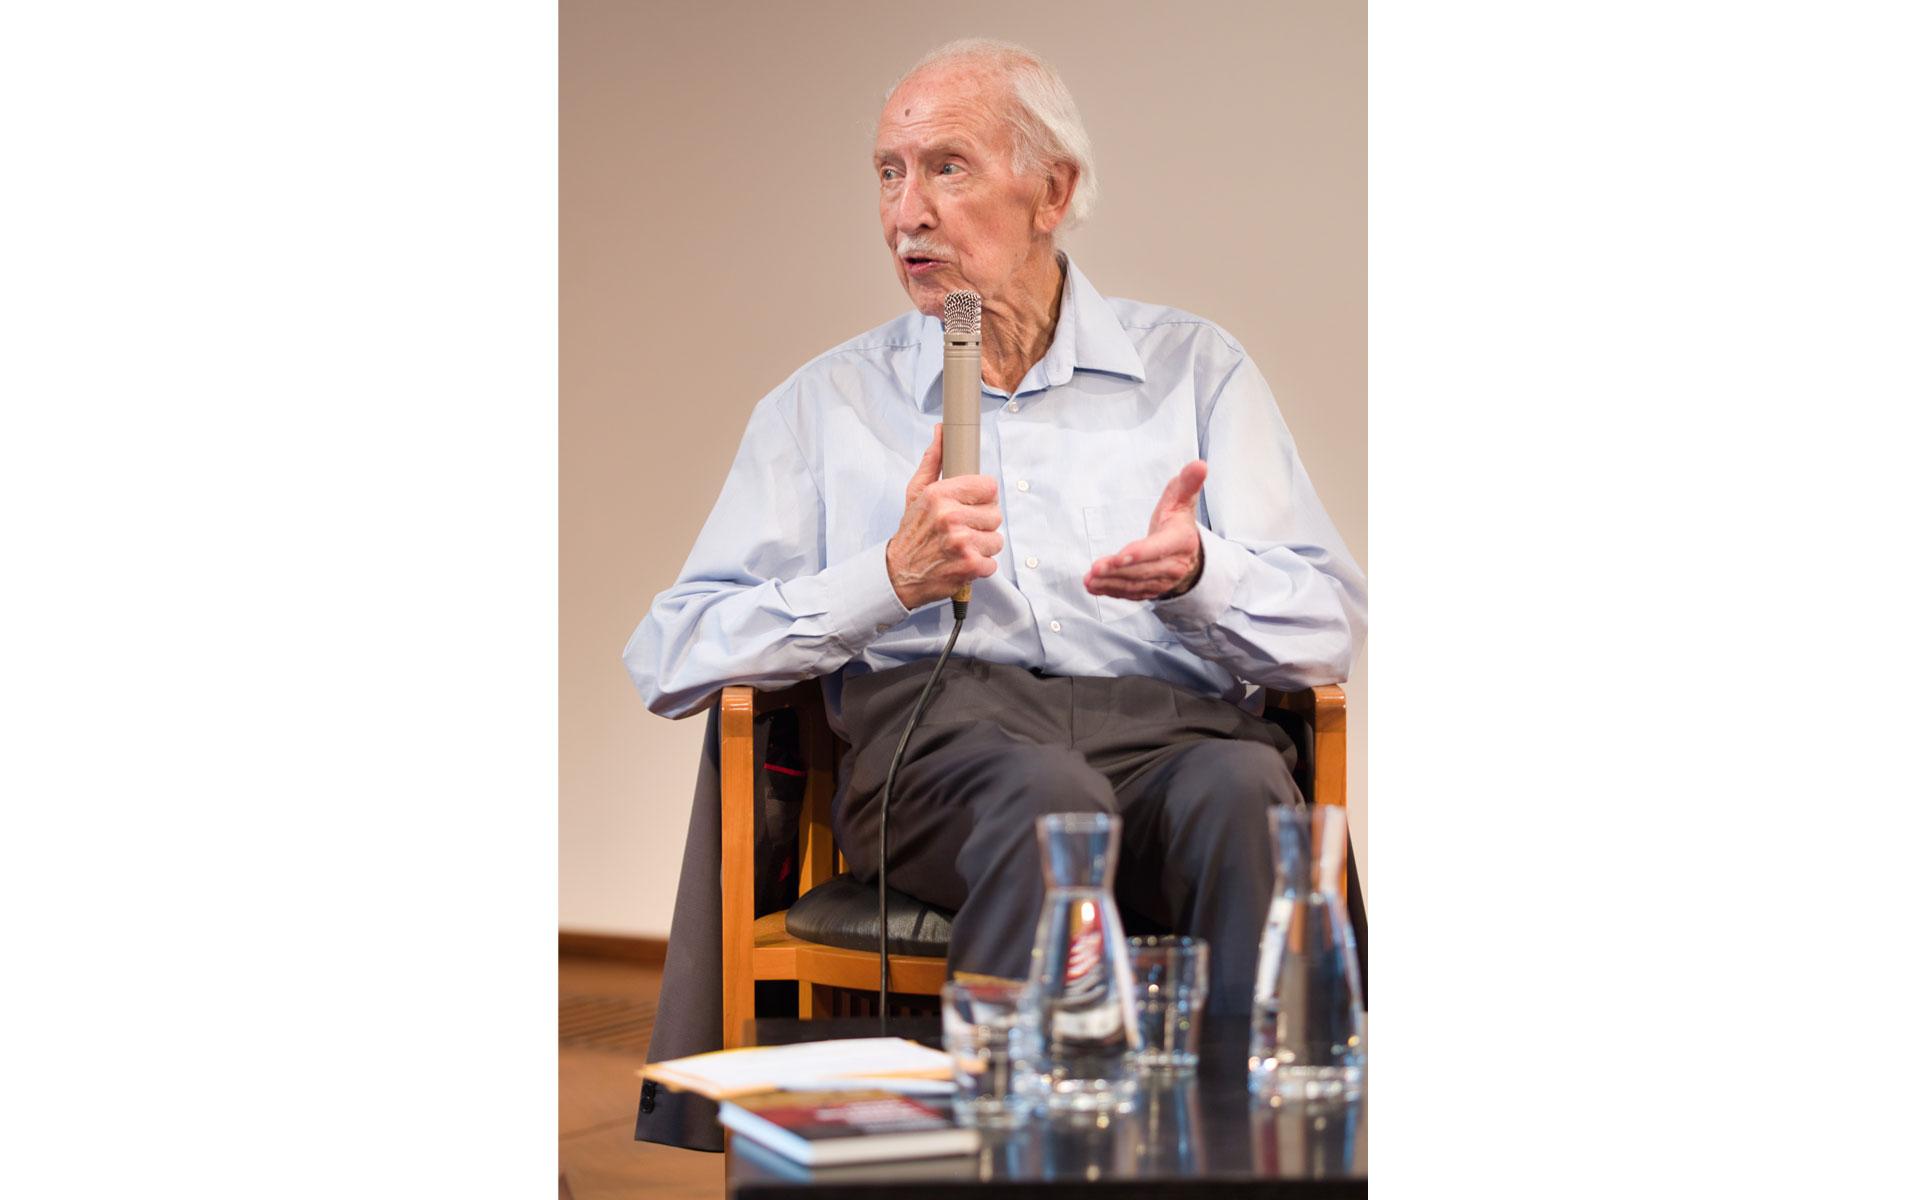 Muhterem Aras, Hermann Bausinger: Heimat. Kann die weg? <br/>(c) Sebastian Wenzel